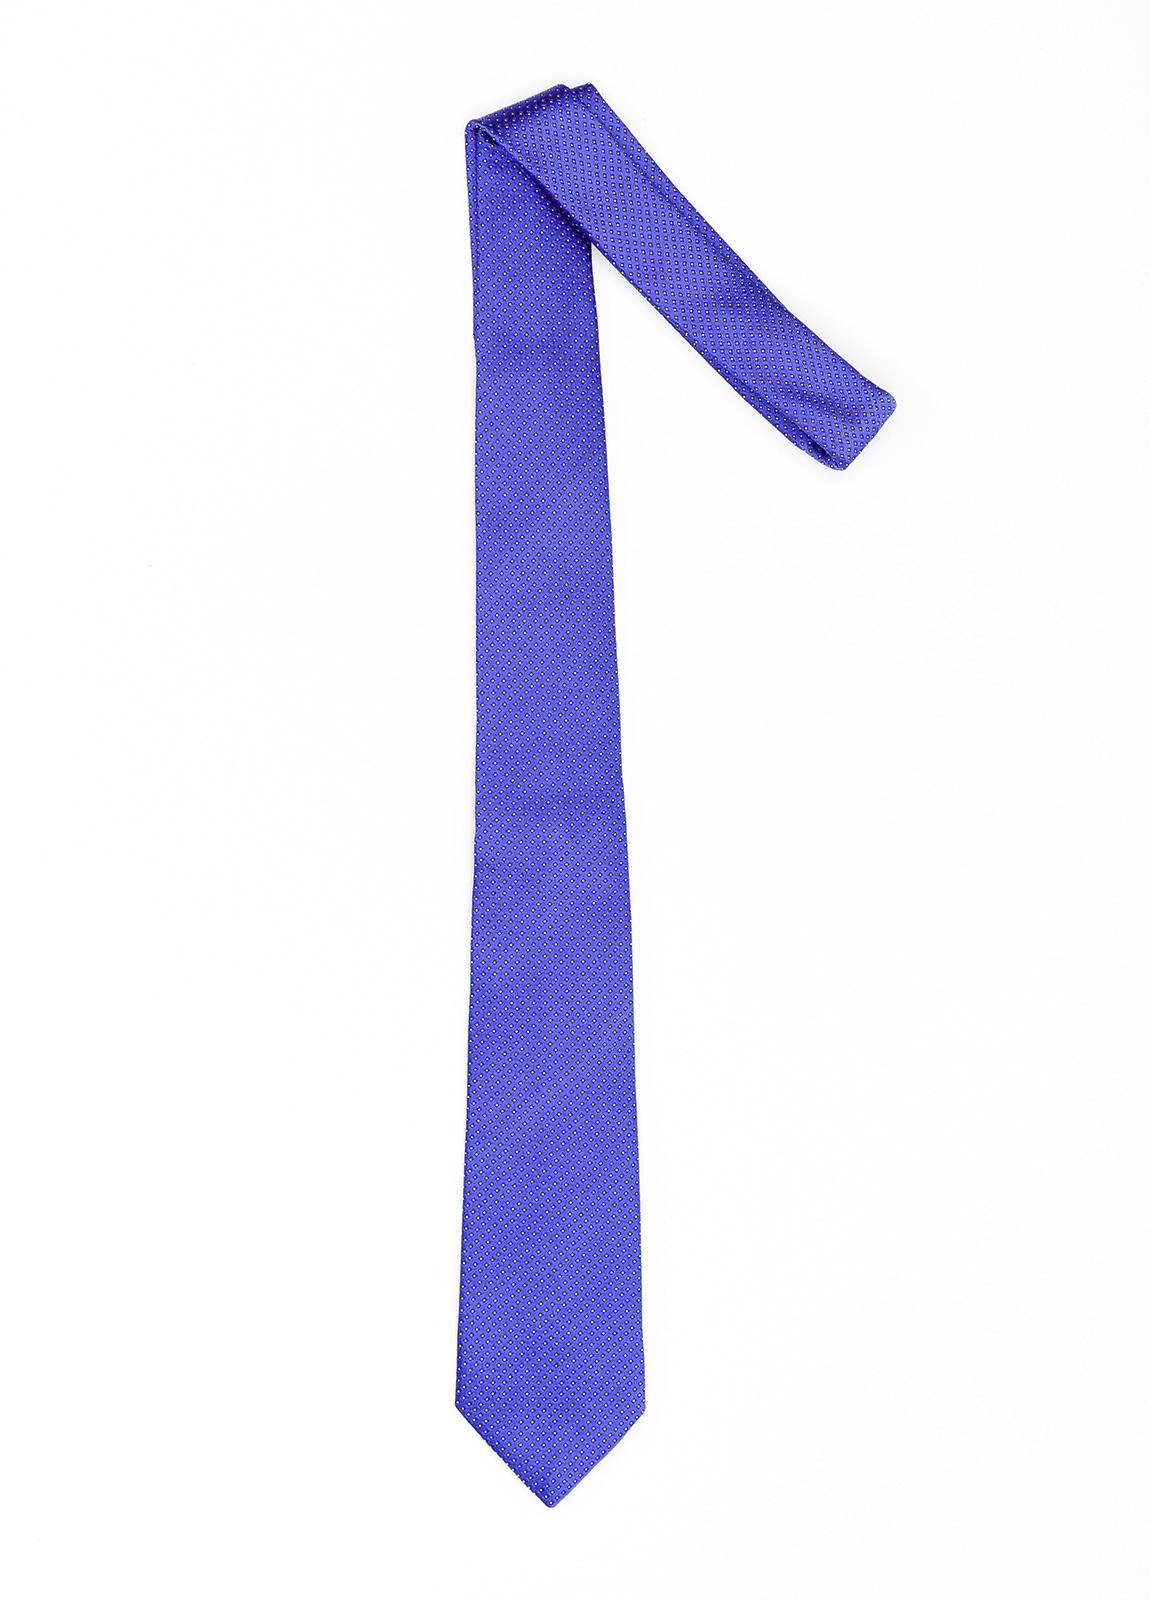 Corbata Formal Wear microdibujo color rojo. Pala 7,5 cm. 100% Seda. - Ítem1